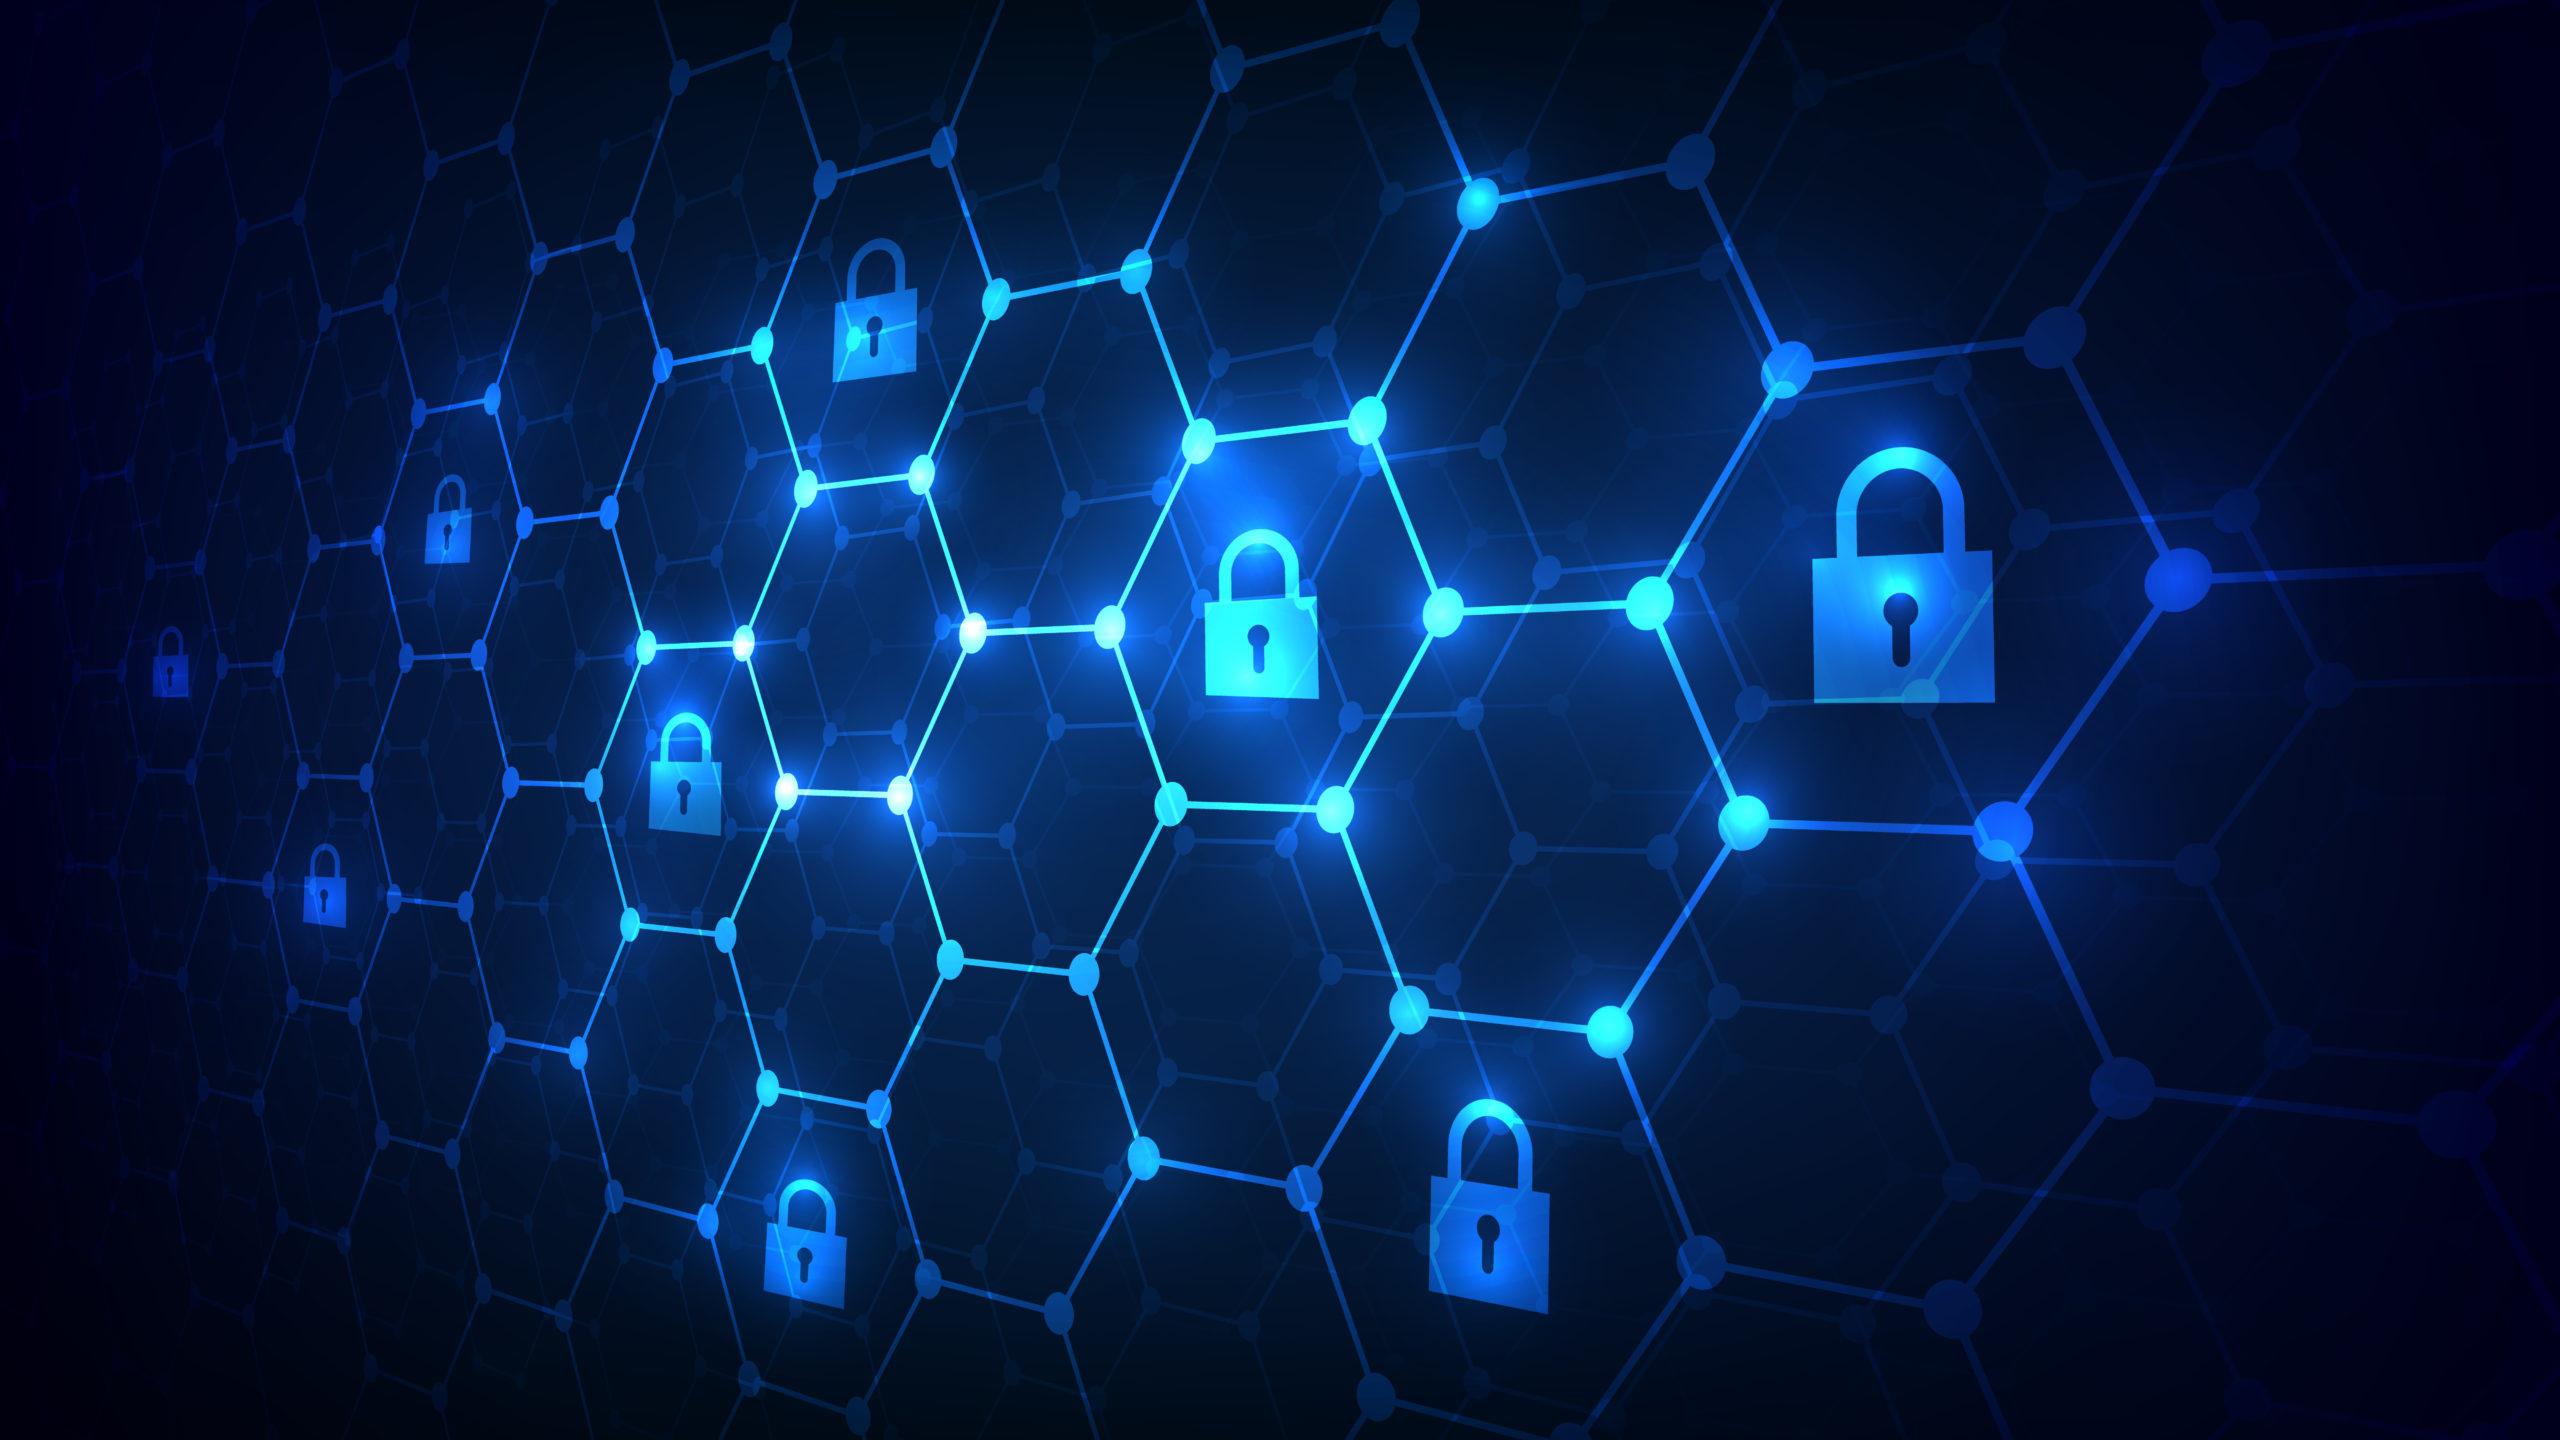 LGPD: O que eu preciso saber sobre a Lei Geral de Proteção de Dados?